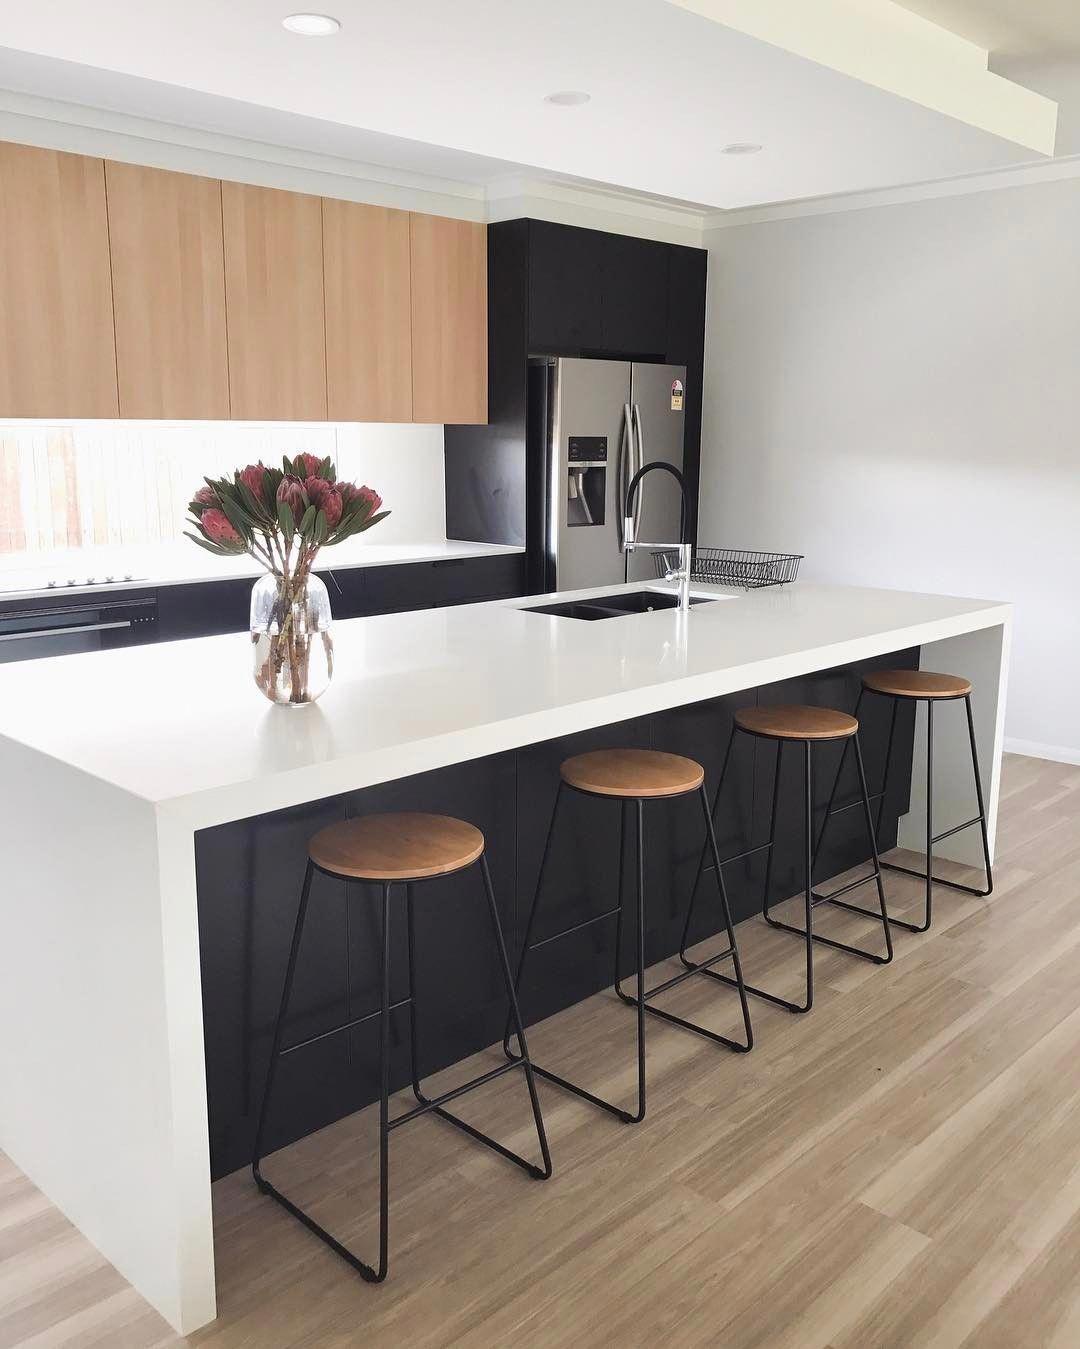 Minimalistkitchen Interior Design: 68 Premium Large Modern Eat-In Kitchen With An Island